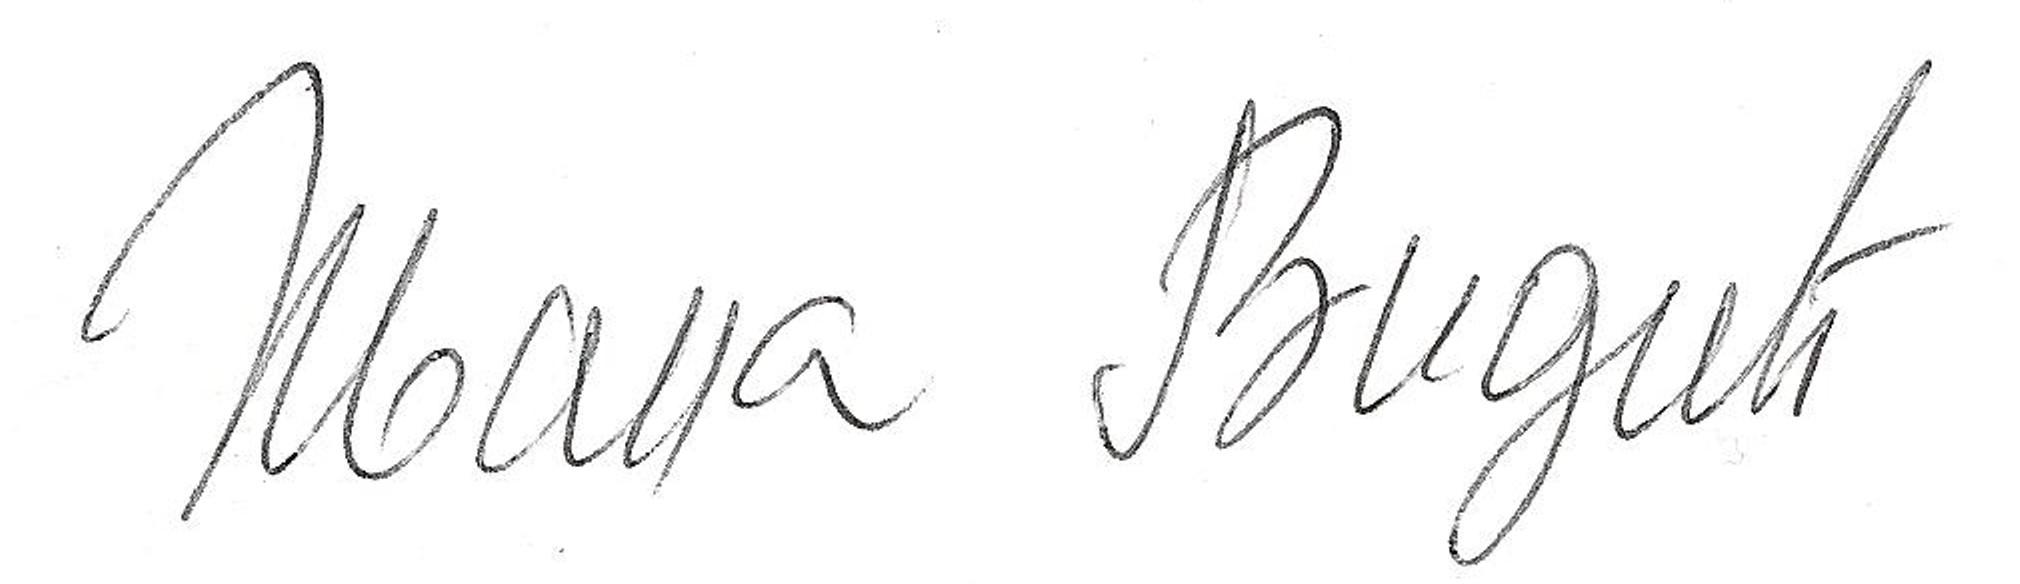 Ivana Vidic Signature